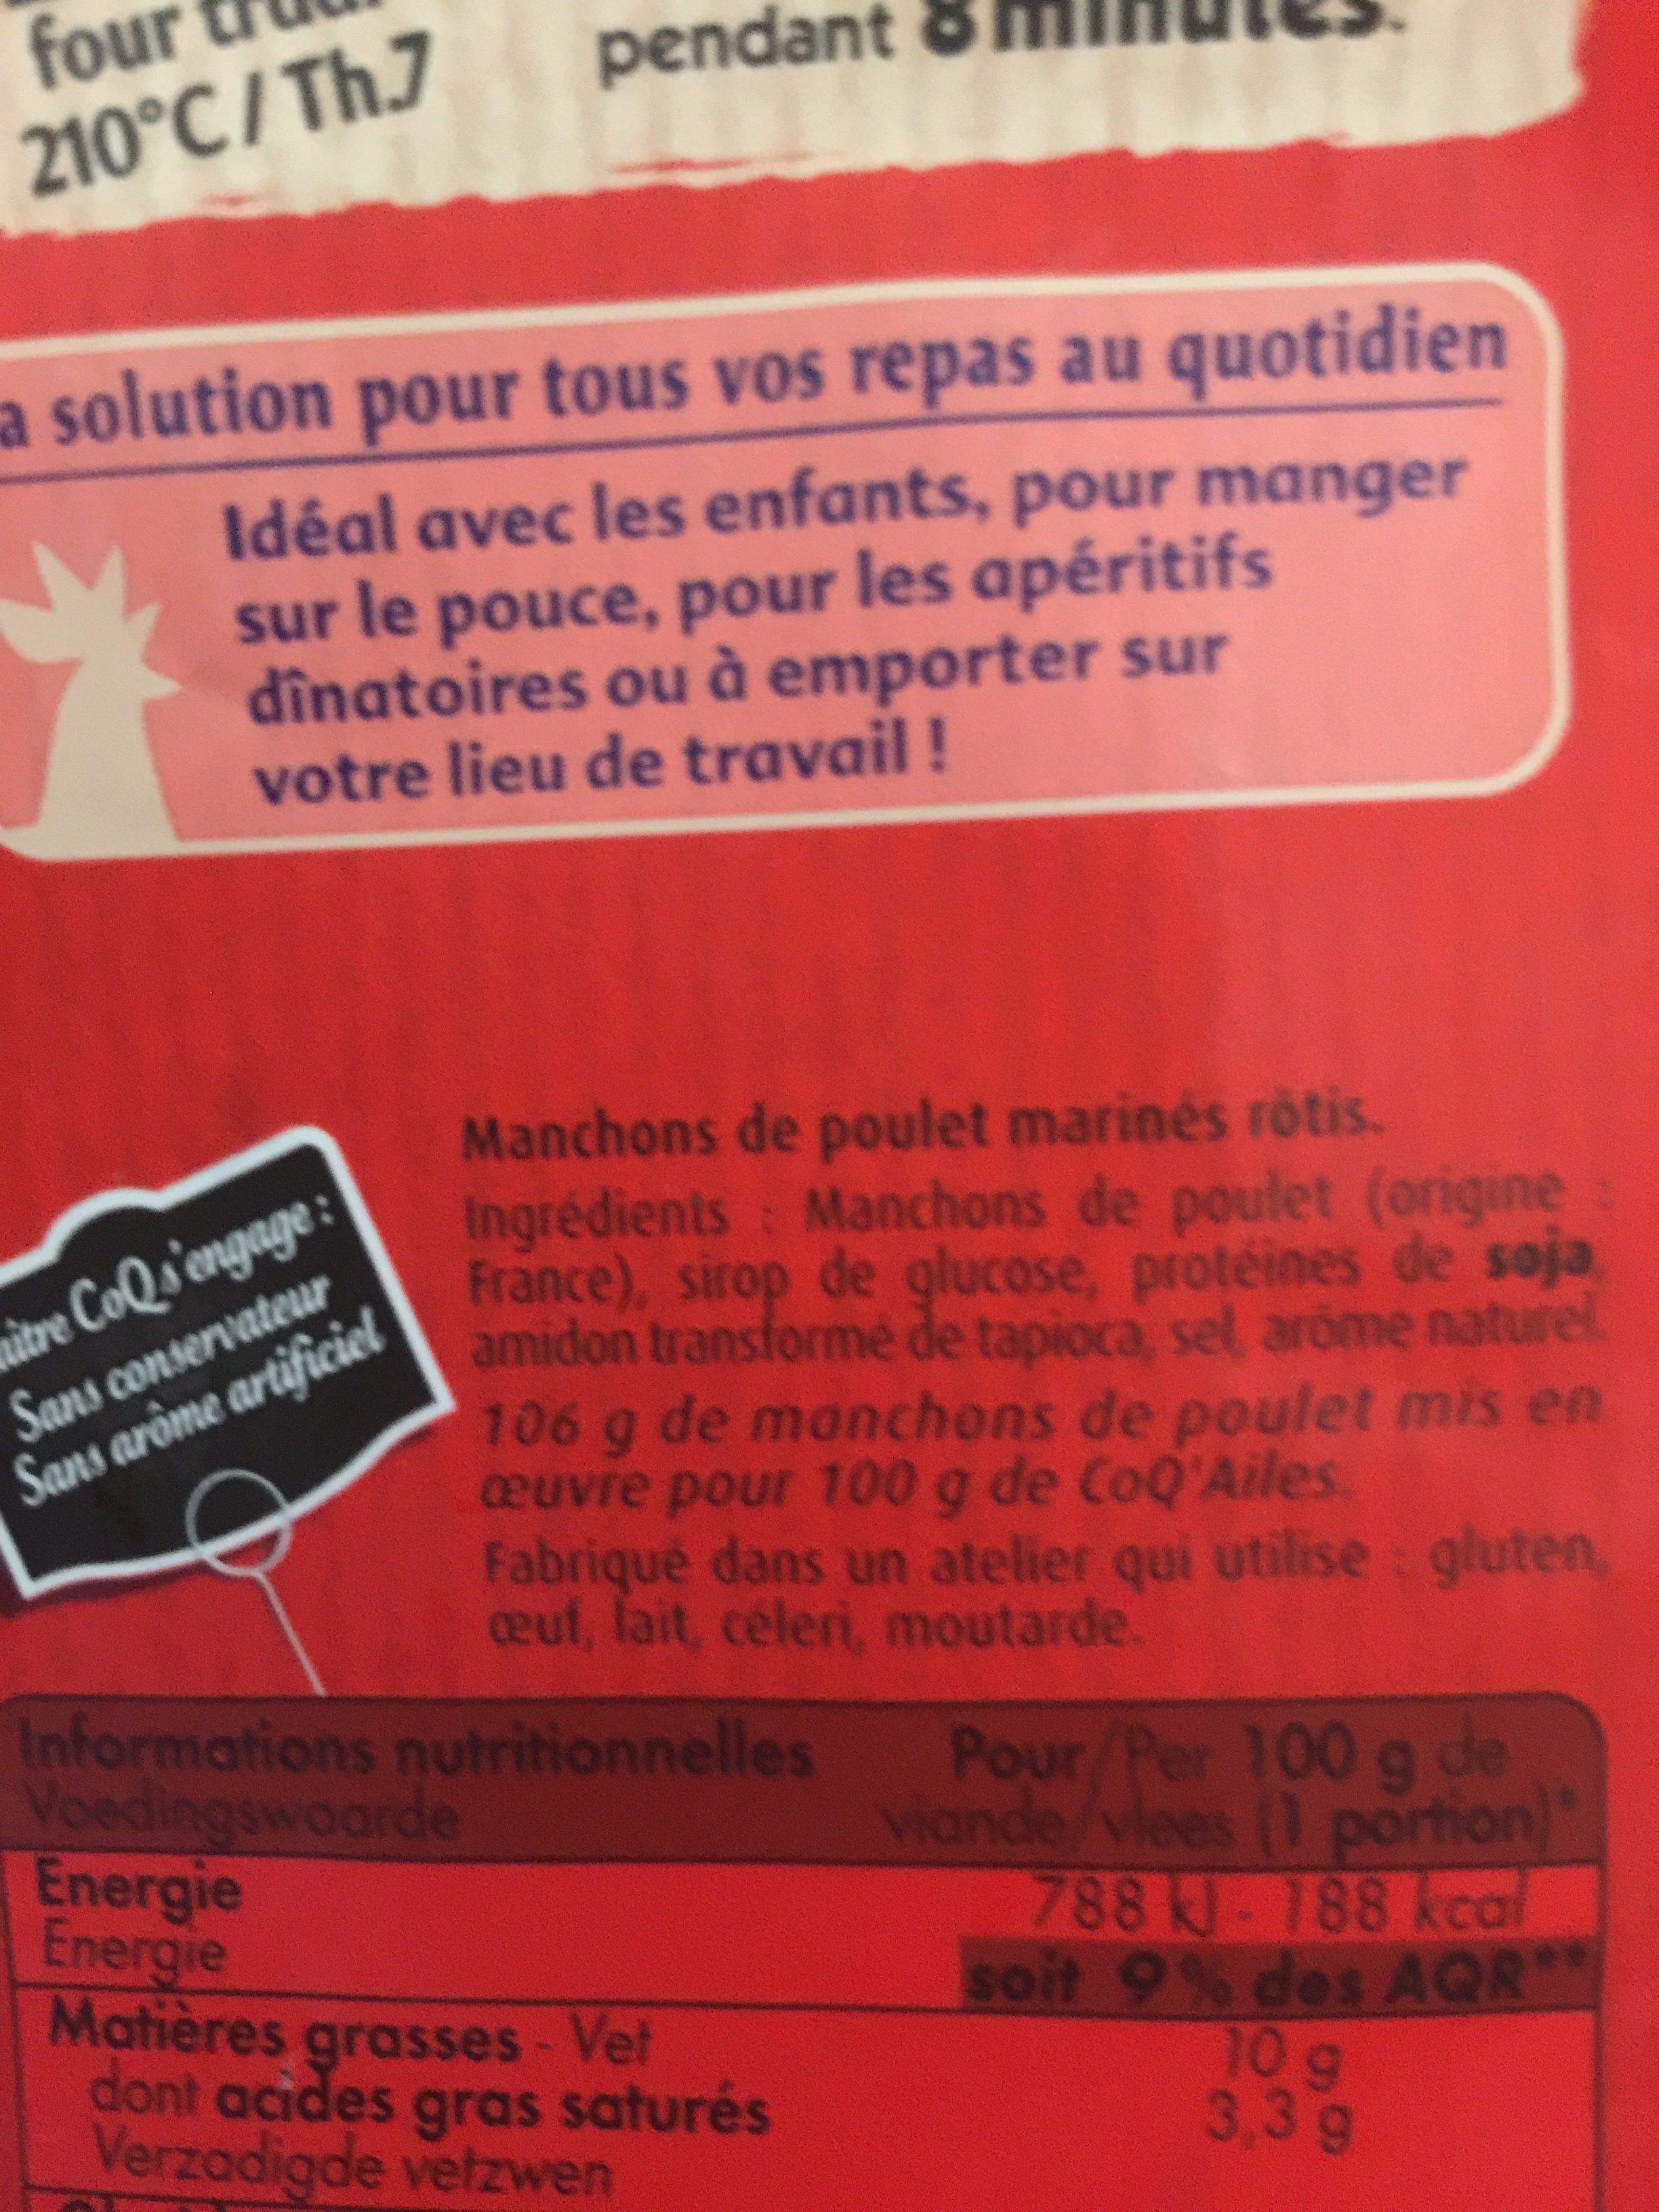 Maxi Coq Ailes Nature 500g - Ingrédients